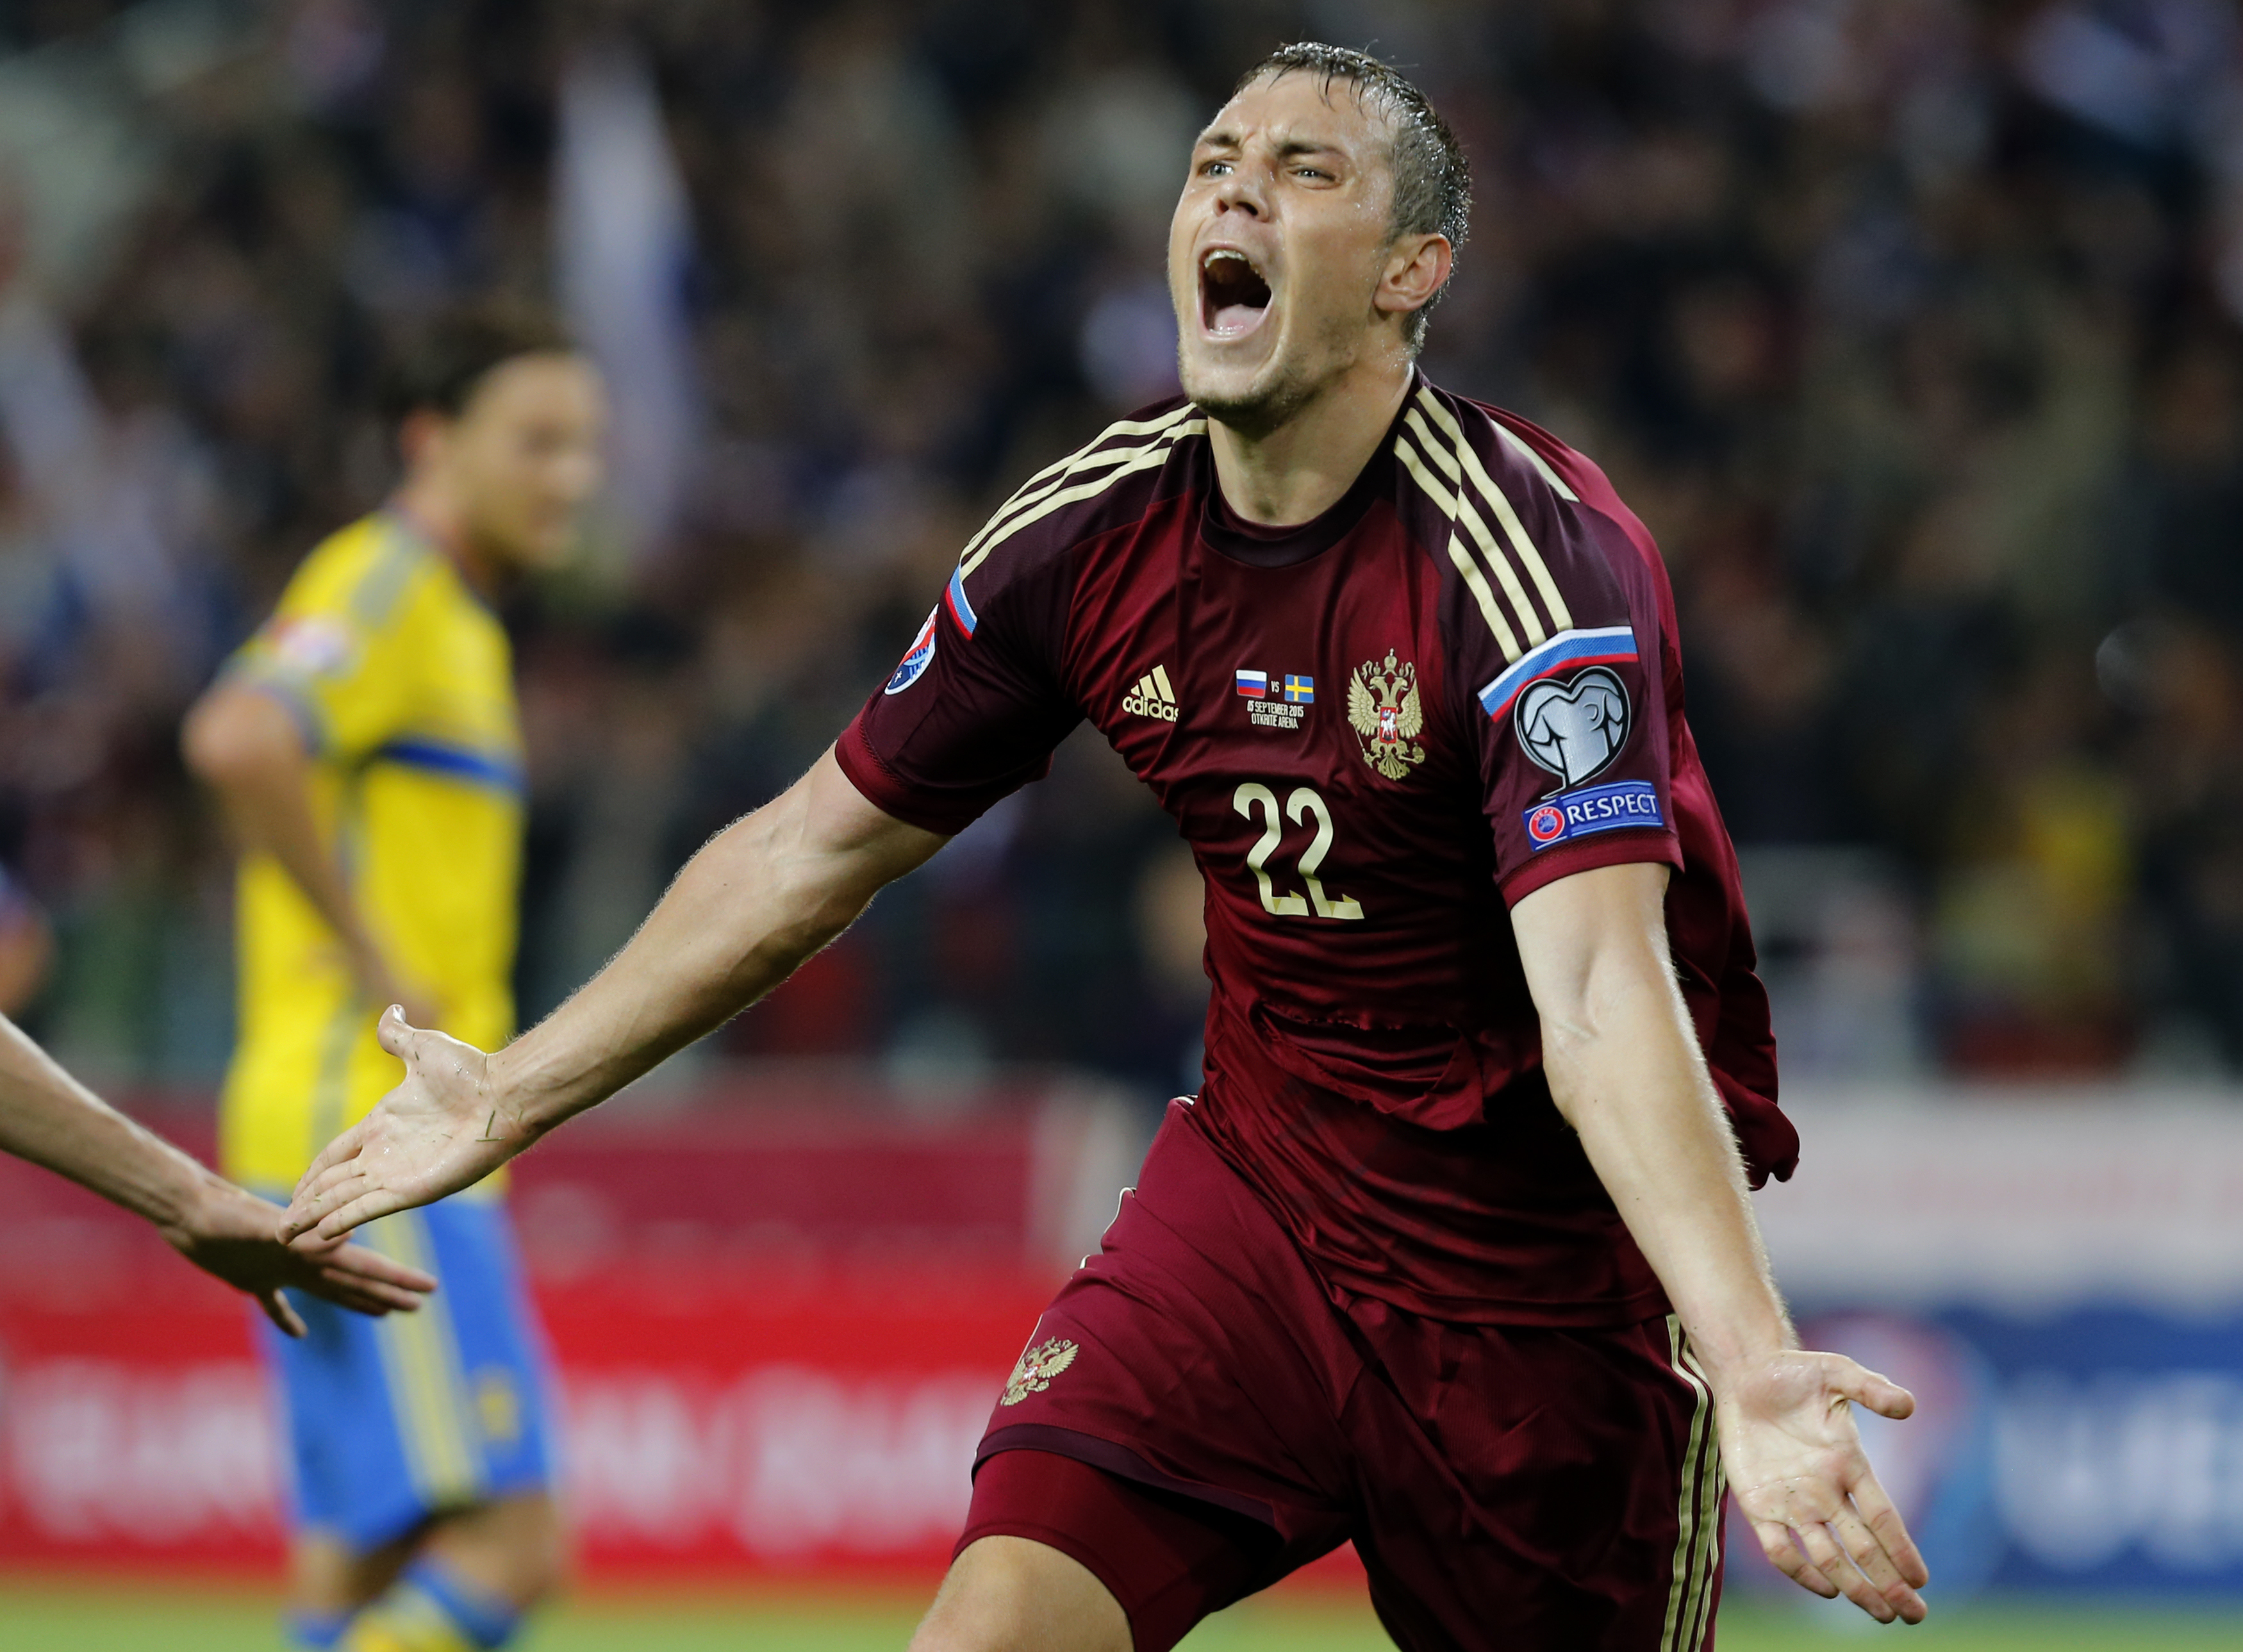 6 choses à savoir sur Artem Dzyuba, révélation russe à l'Euro